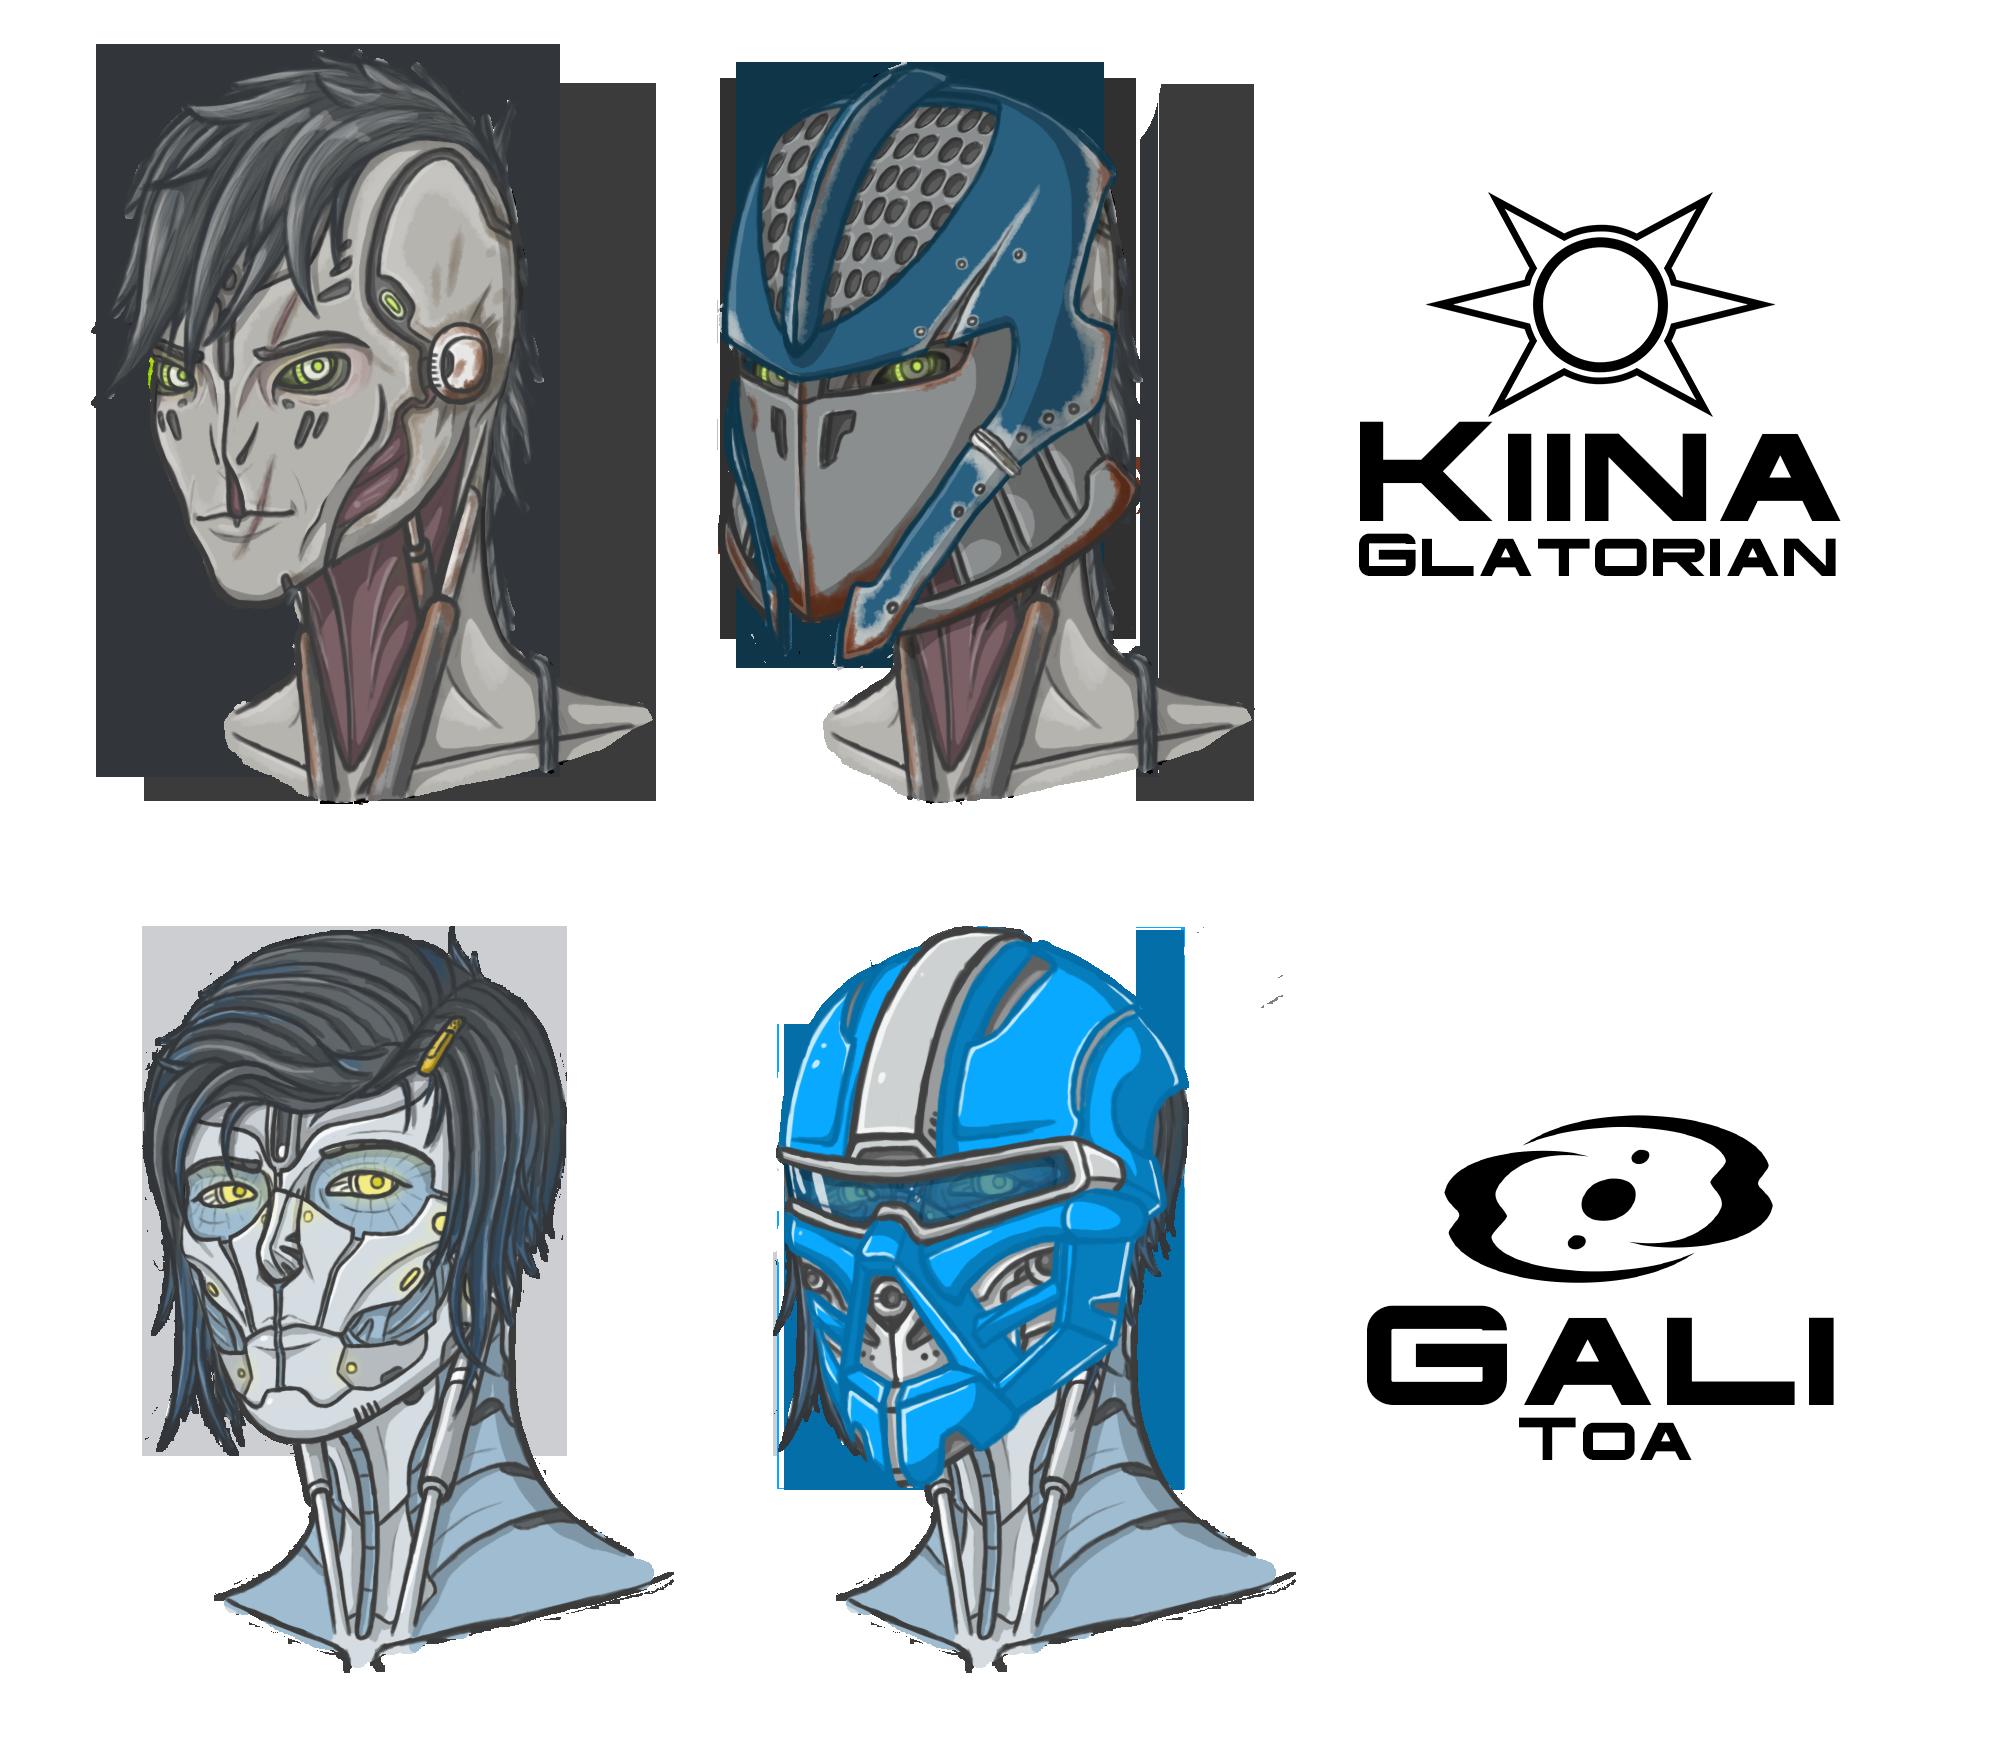 Kiina and Gali busts by Mekrani